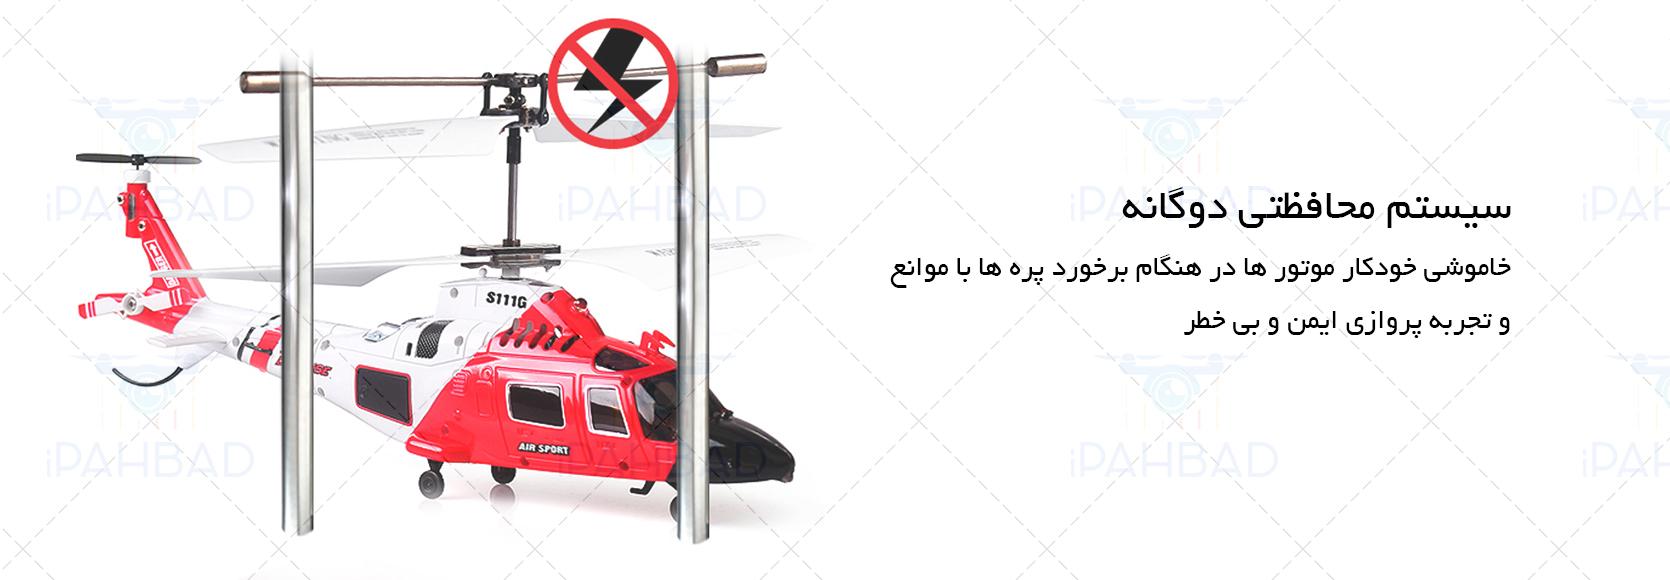 قیمت خرید هلیکوپتر کنترلی سایما Syma S111G از فروشگاه اینترنتی آی پهباد ، خرید هلیکوپتر کنترلی سیما مدل S111G ، قیمت هلیکوپتر کنترلی سایما اس 111 جی ، هلیکوپتر کنترلی سیما اس 111 جی